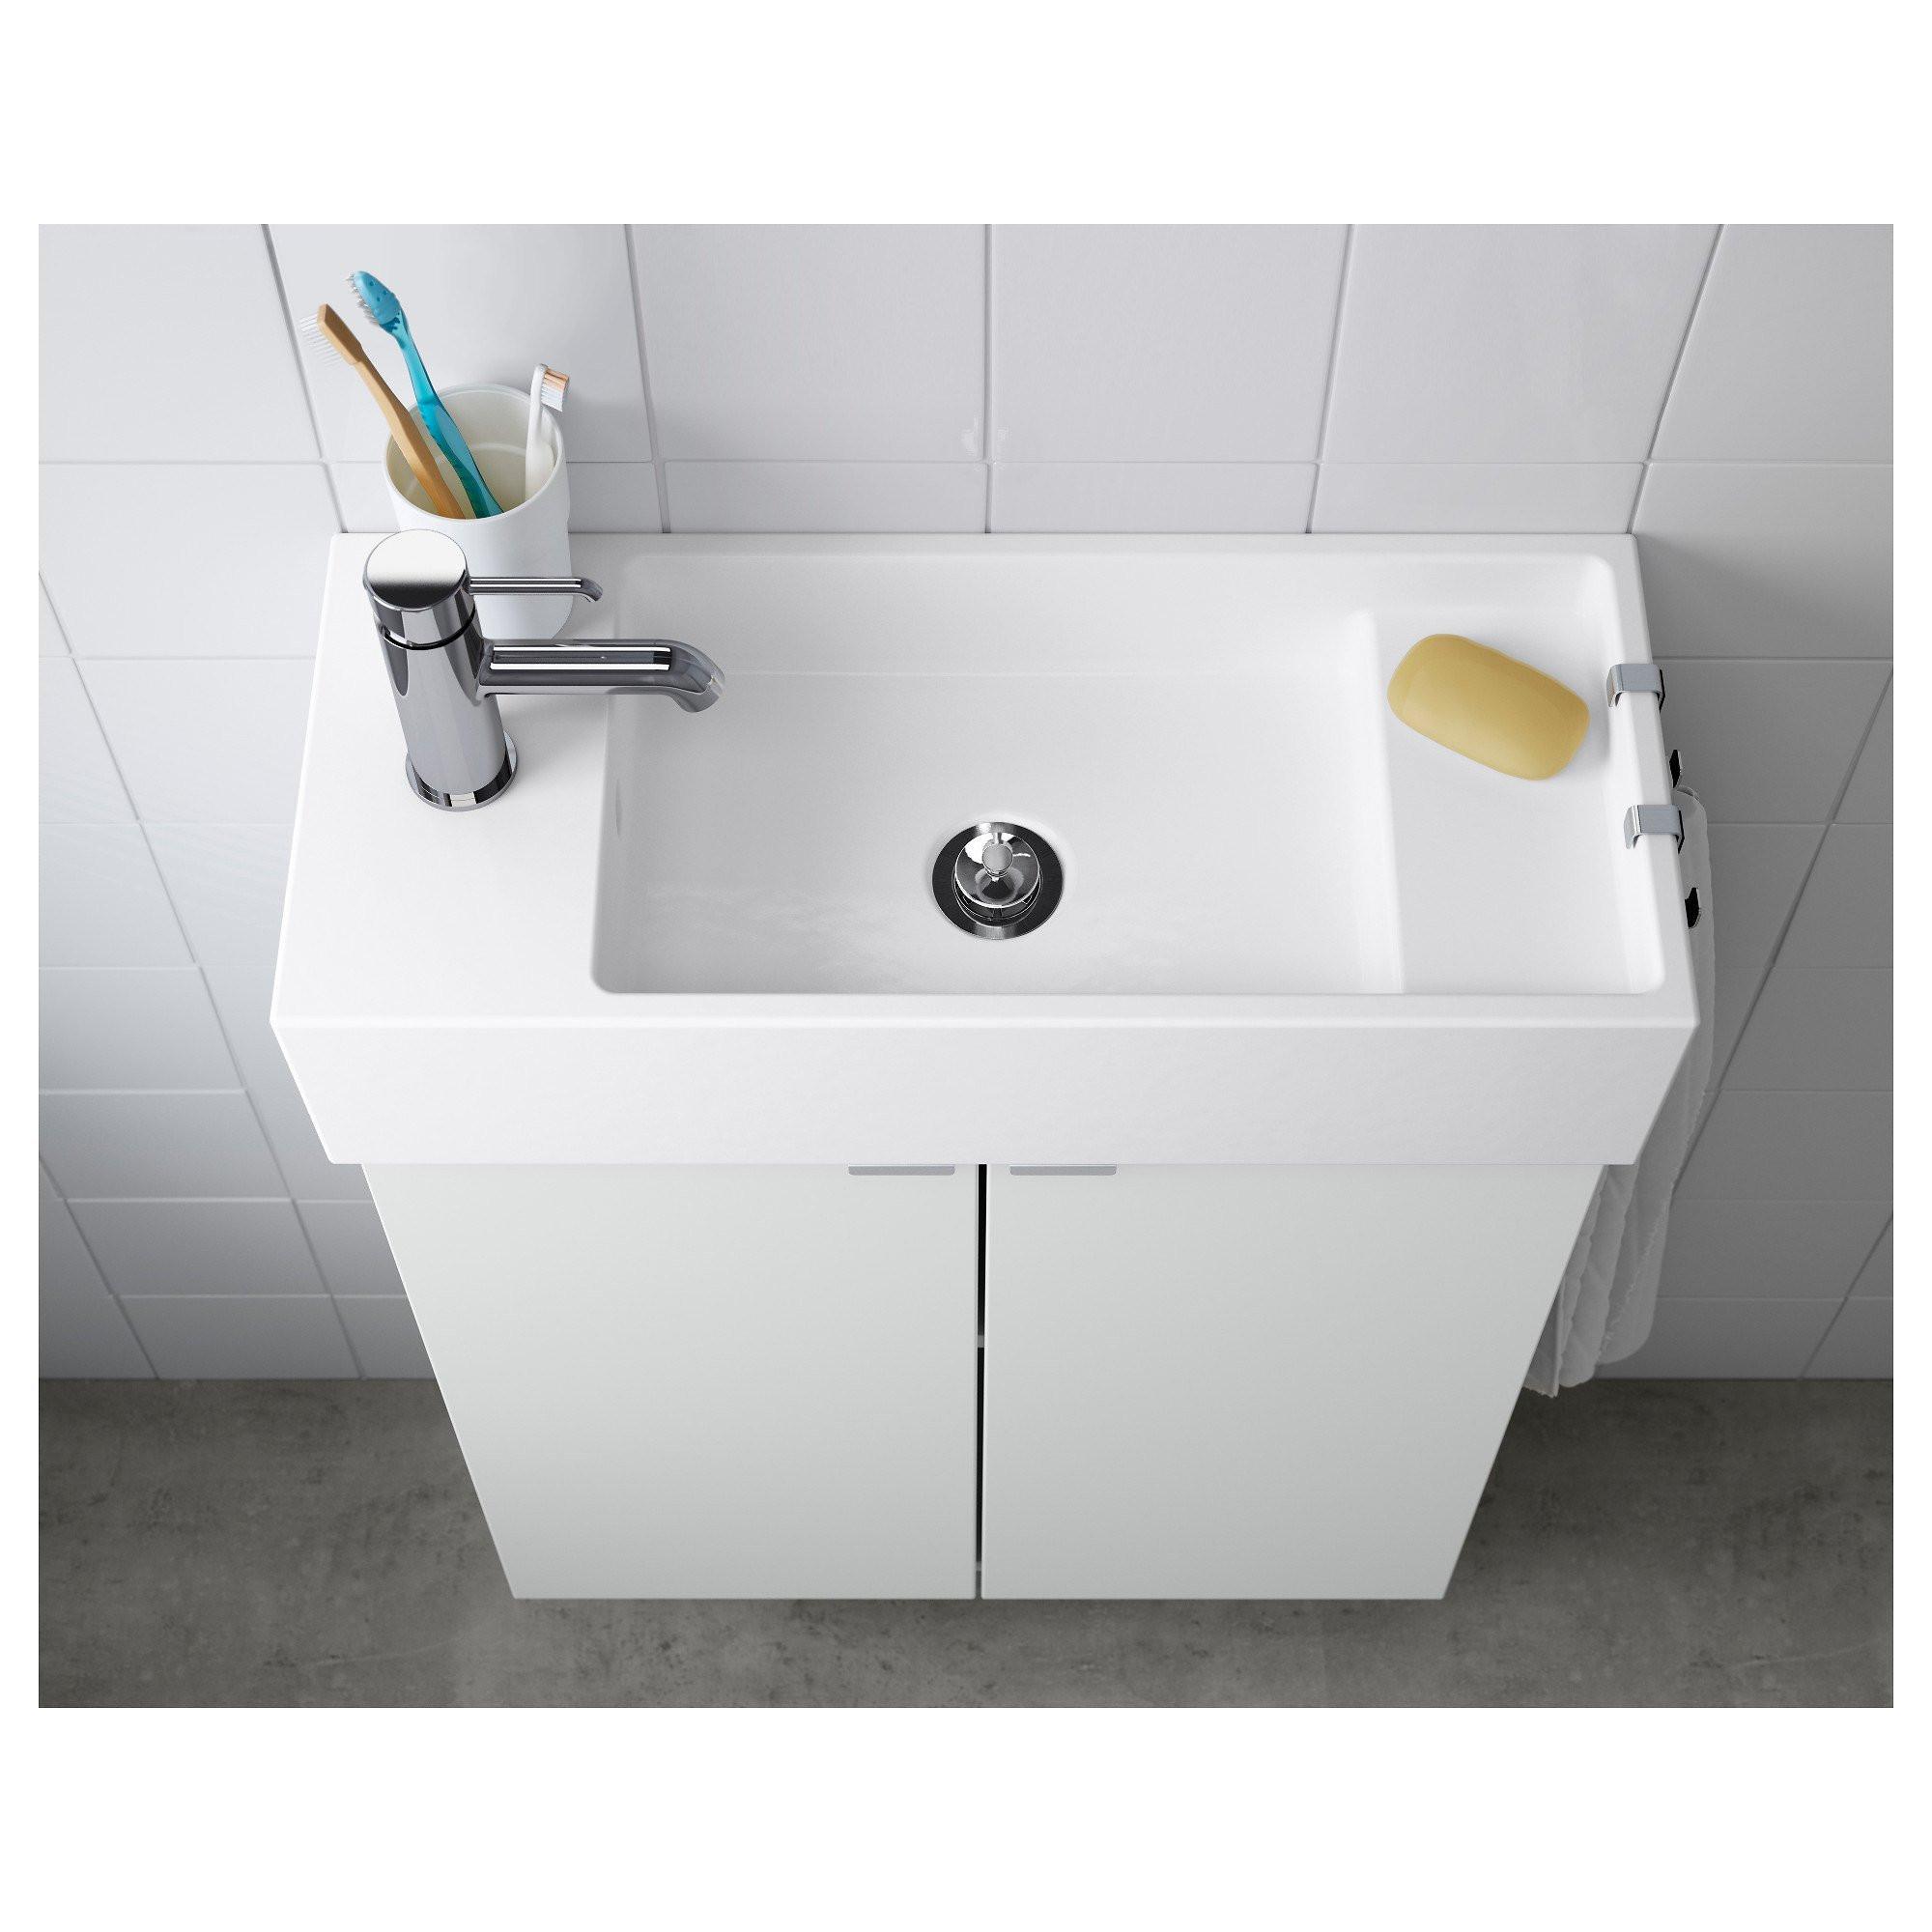 Brise Bise Ikea Meilleur De Photos Les Marquant Chambre Des Merces Montpellier Conception Pendant